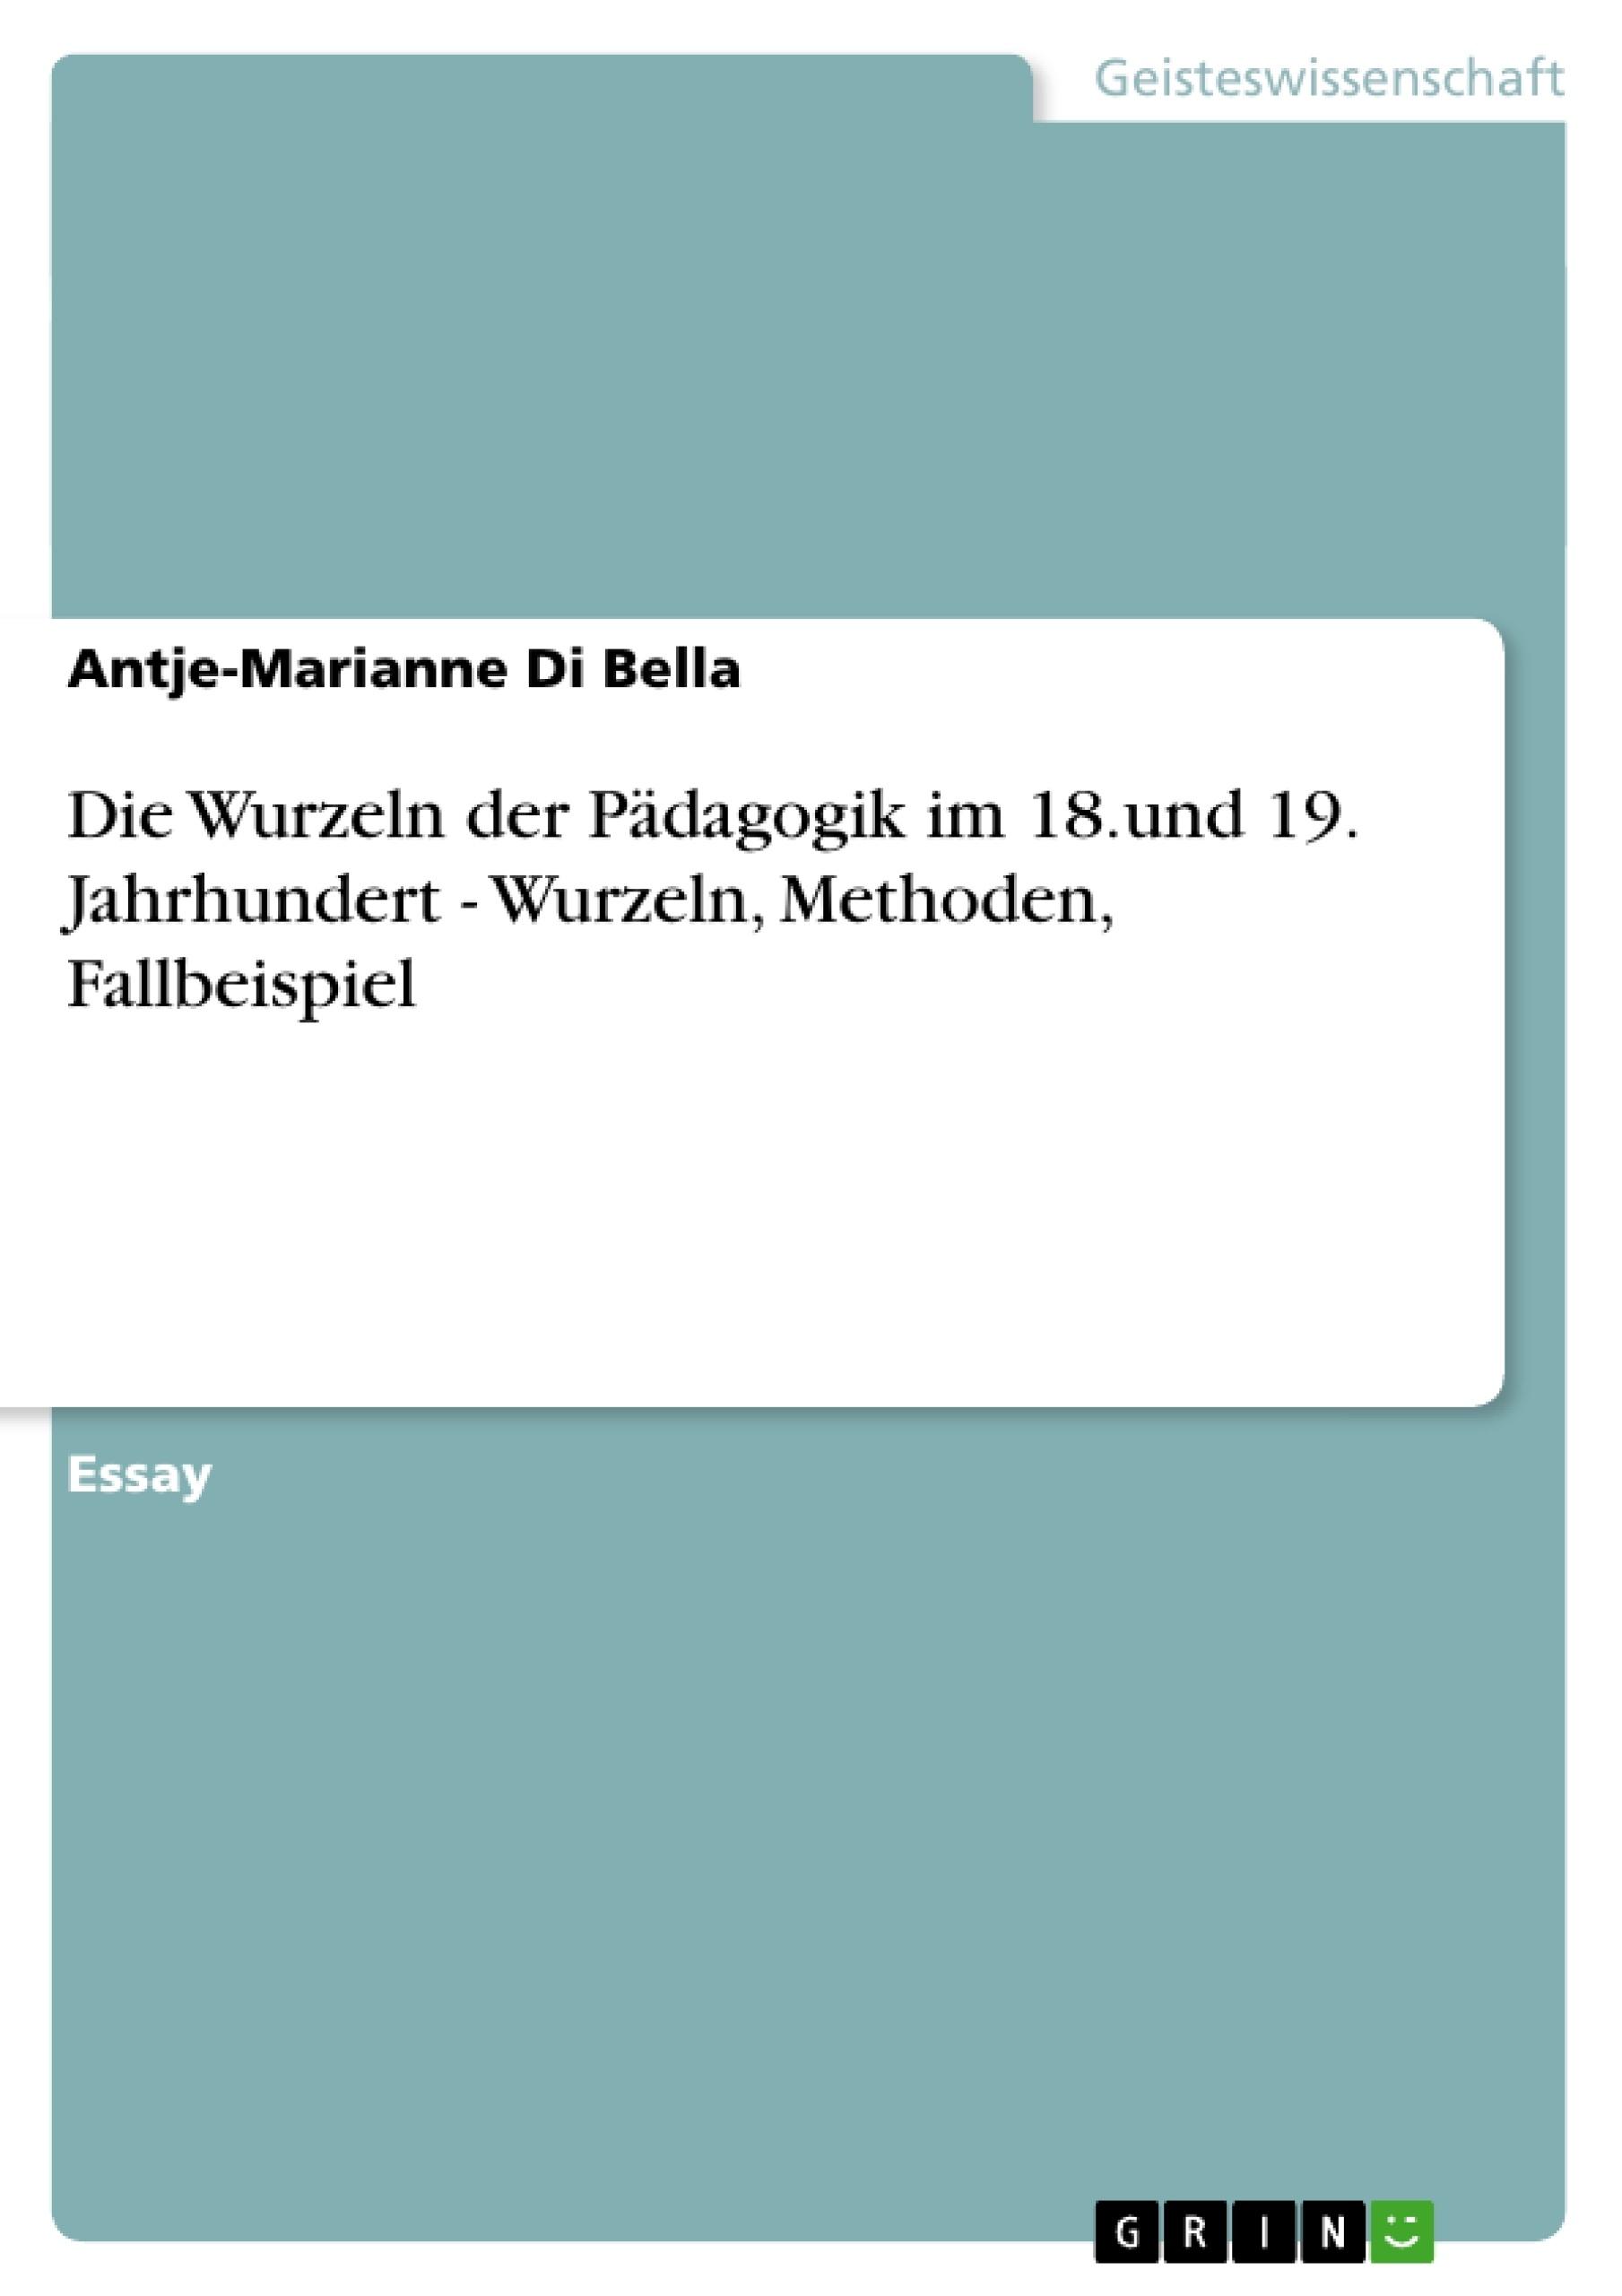 Titel: Die Wurzeln der Pädagogik im 18.und 19. Jahrhundert  - Wurzeln, Methoden, Fallbeispiel